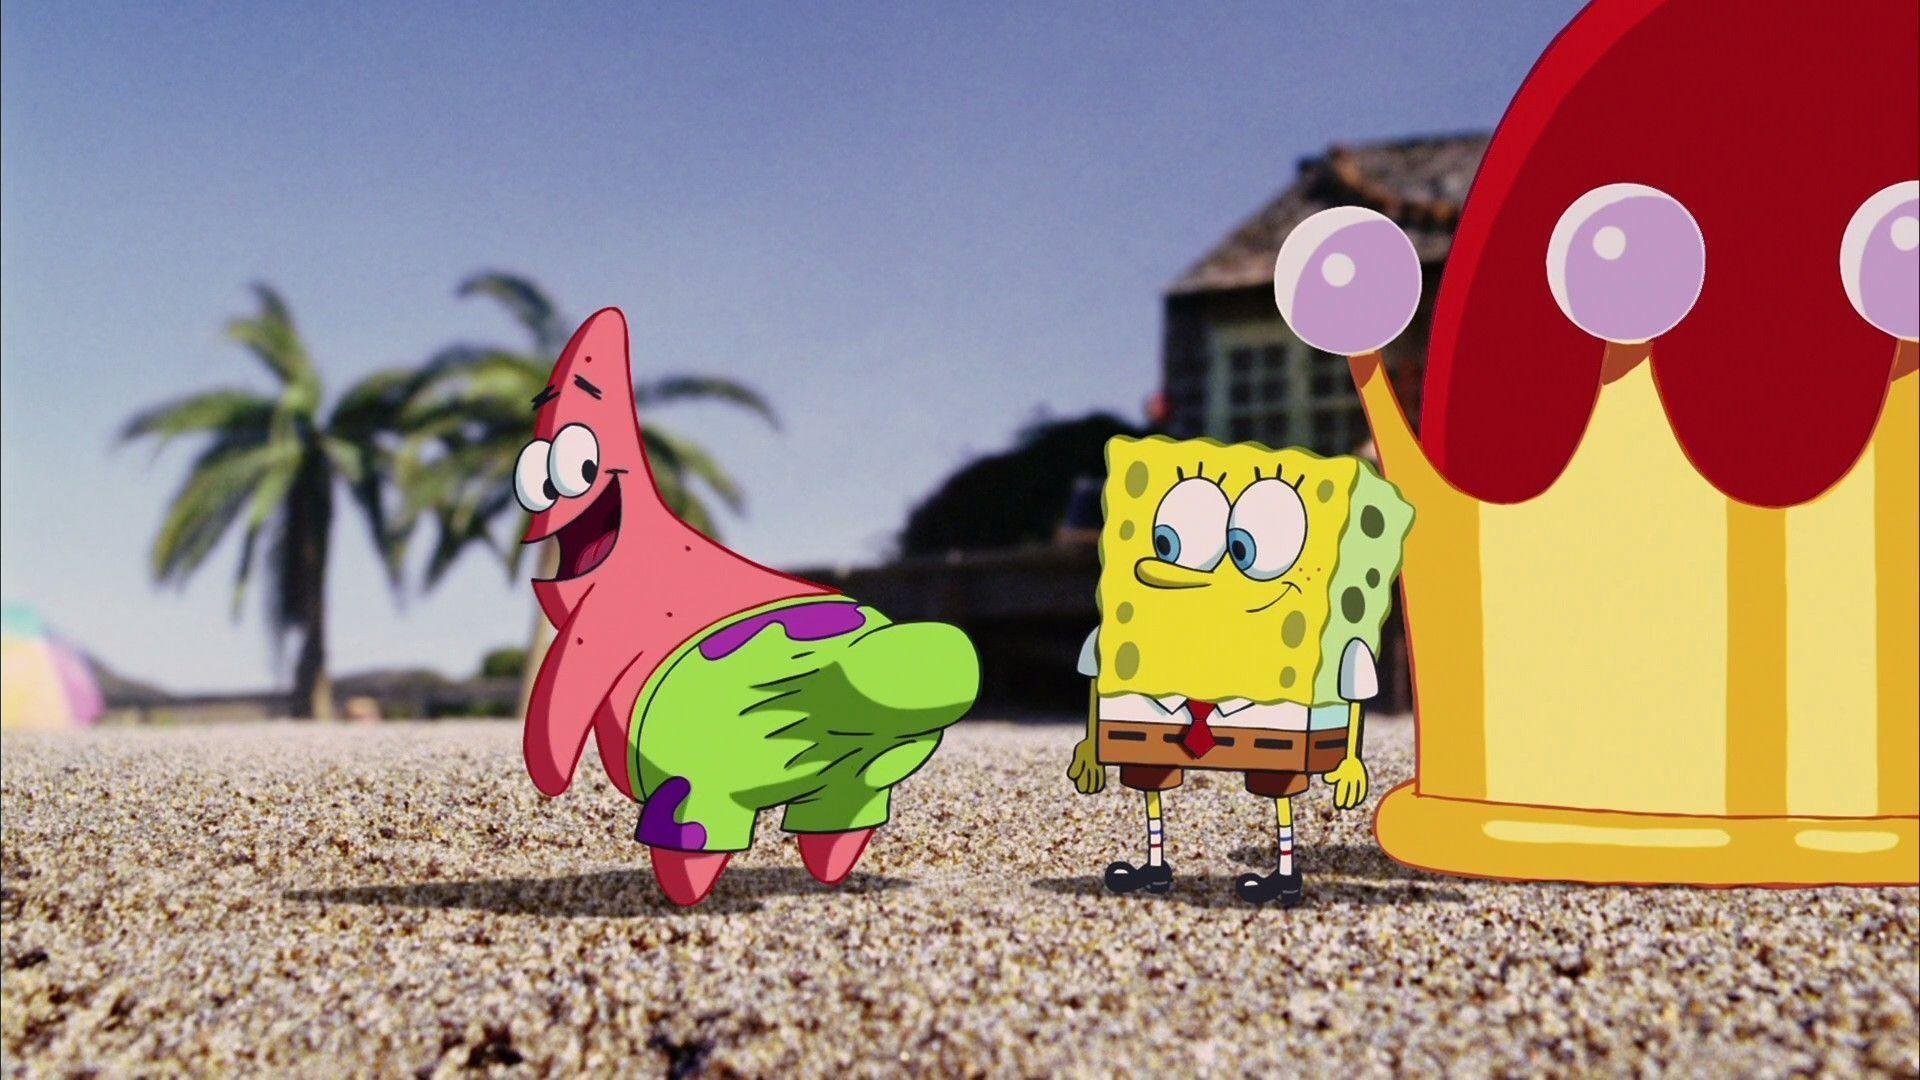 Spongebob And Patrick Wallpapers | Foolhardi.